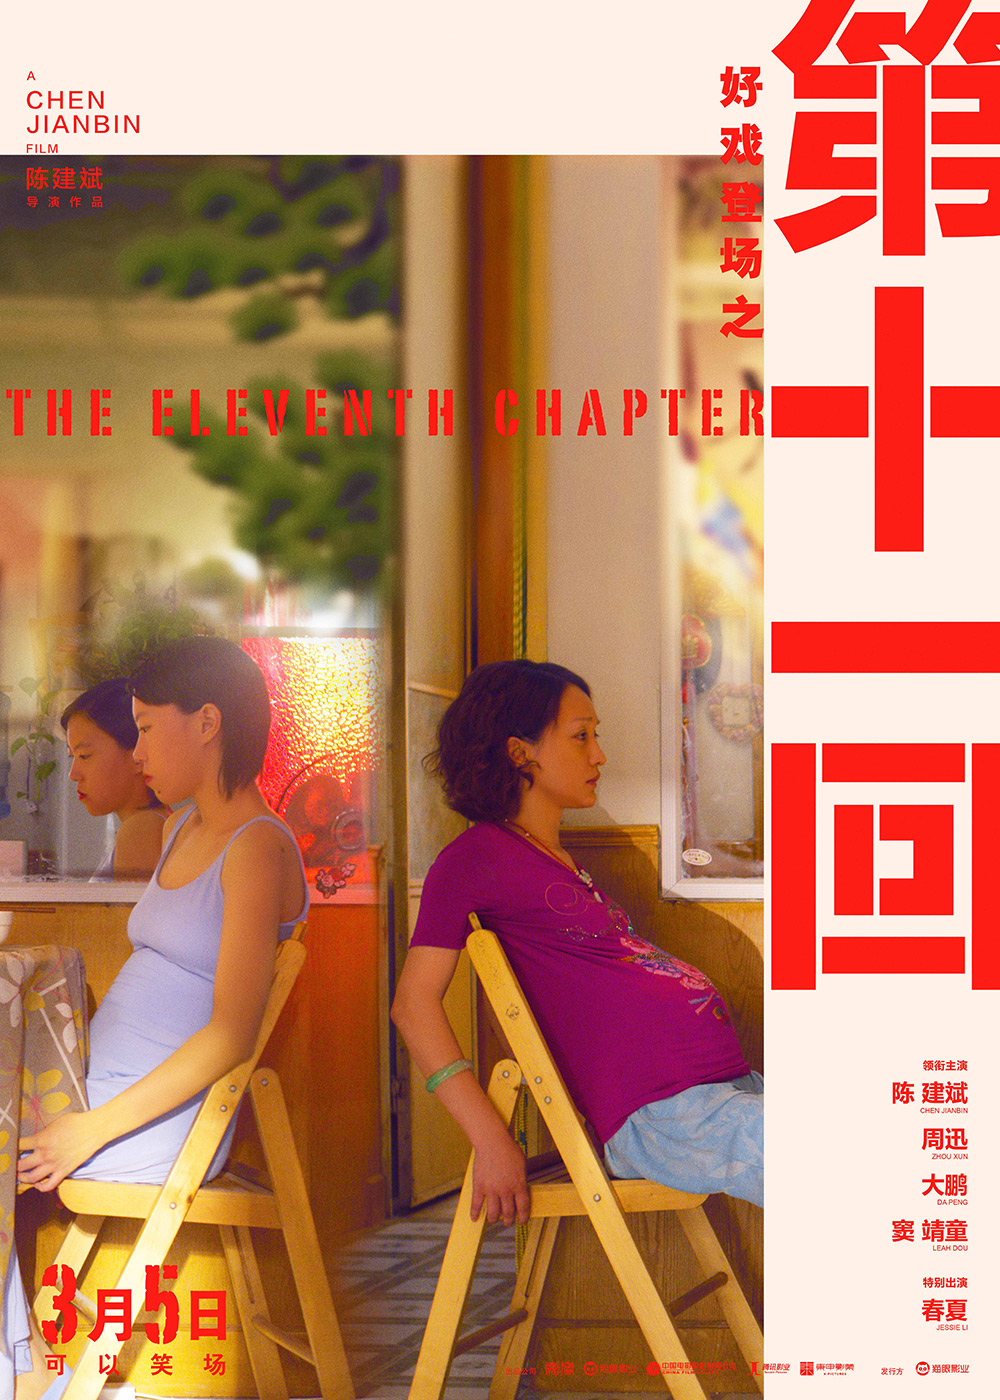 色彩运用!电影《第十一回》正式版+角色版海报